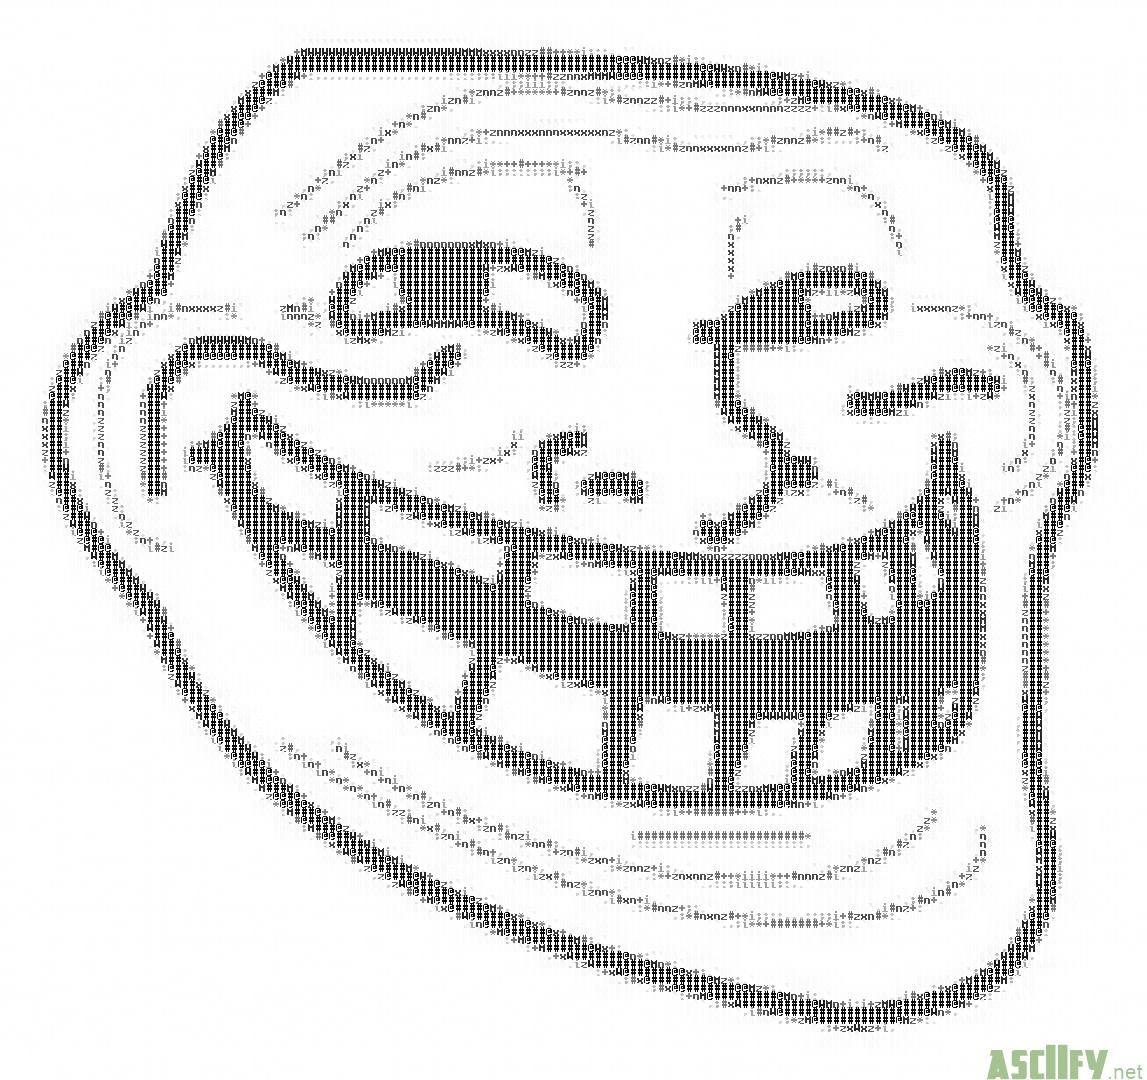 Asciifynet Troll